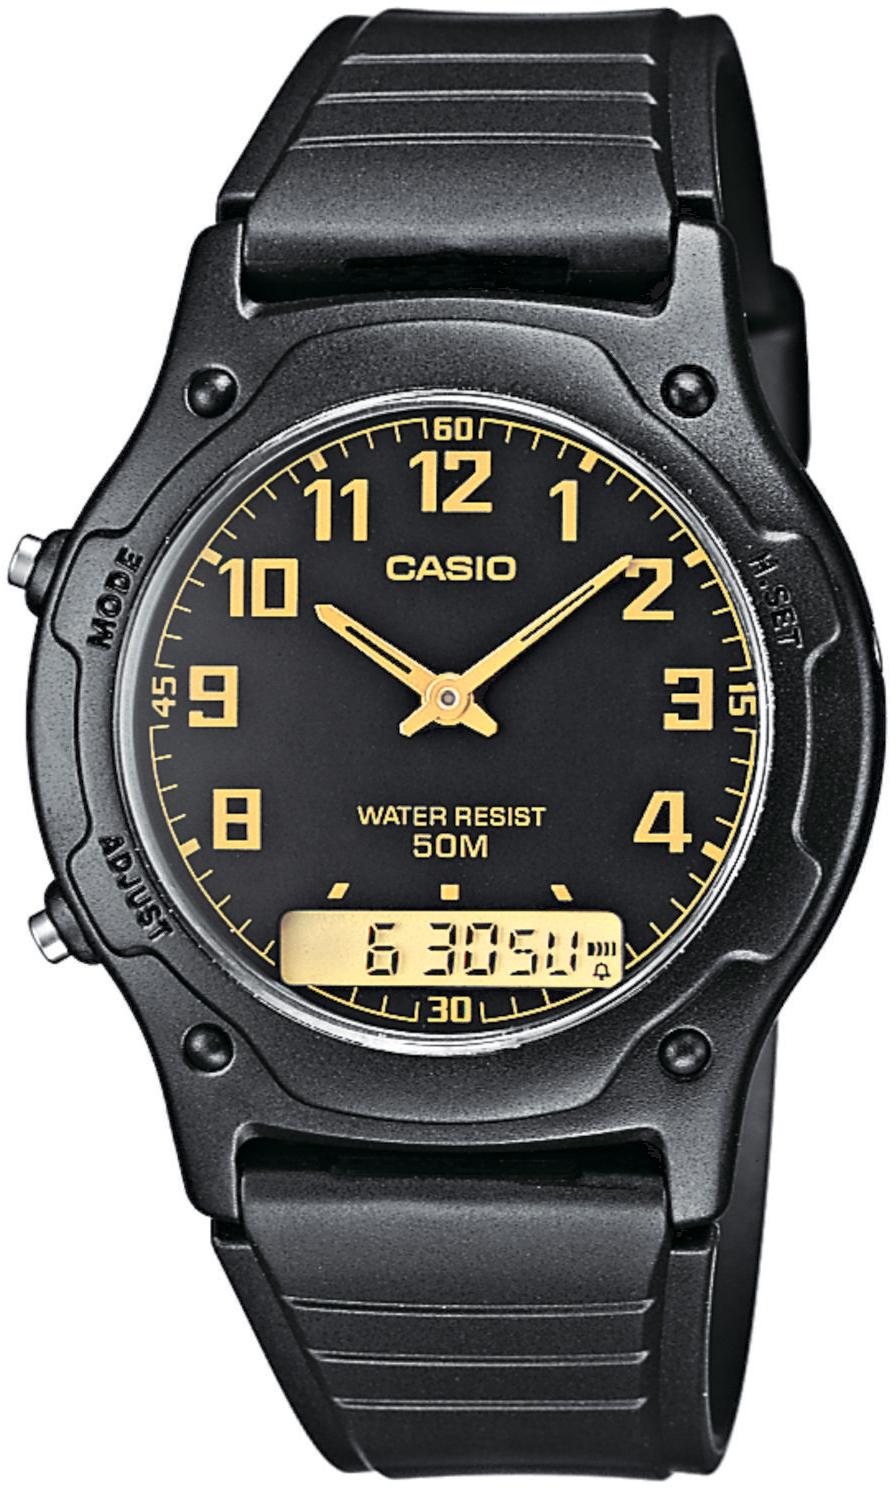 Casio AW-49H-1BV-POWYSTAWOWY Analogowo - cyfrowe